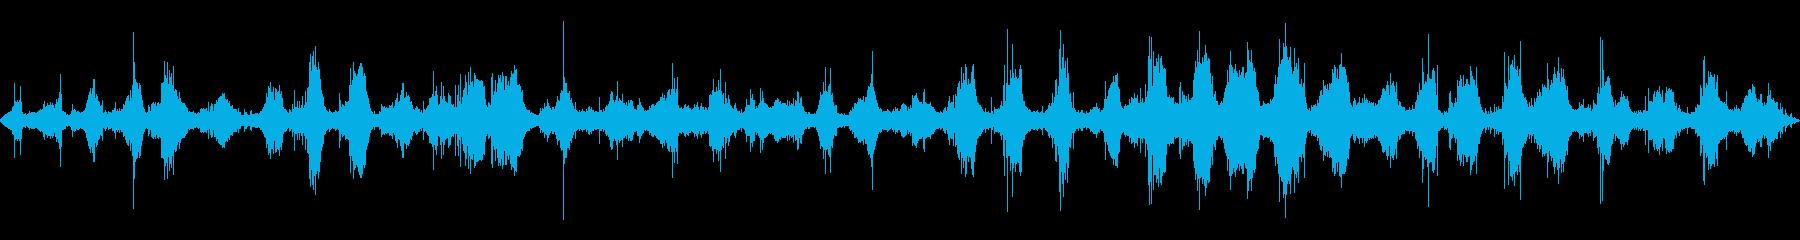 ロッキーショアで波打ち際のレイク波...の再生済みの波形